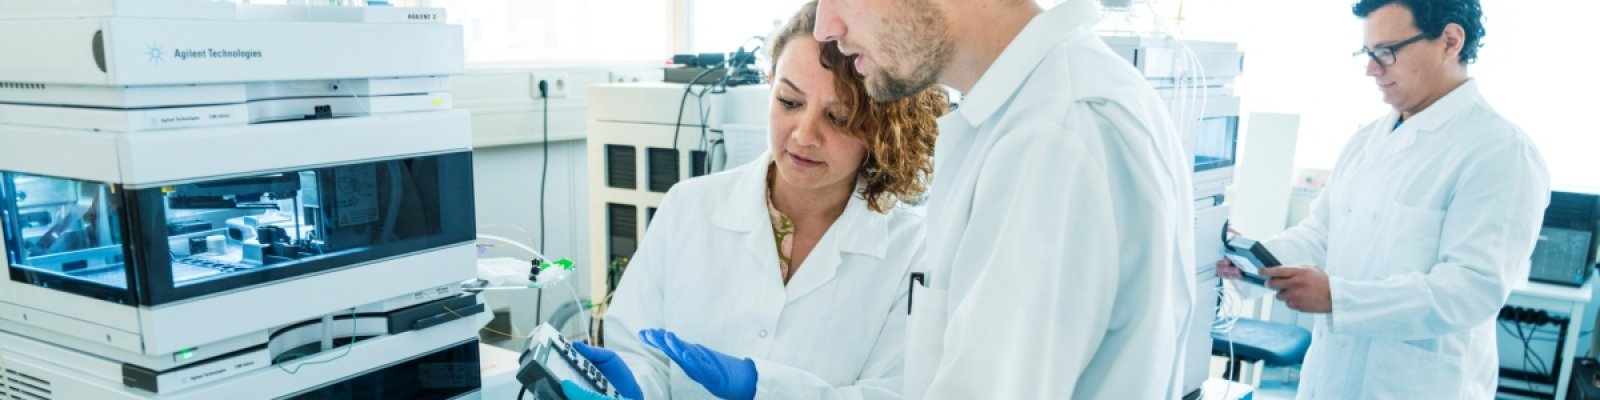 Utrecht Molecular Immunology Hub - Utrecht University